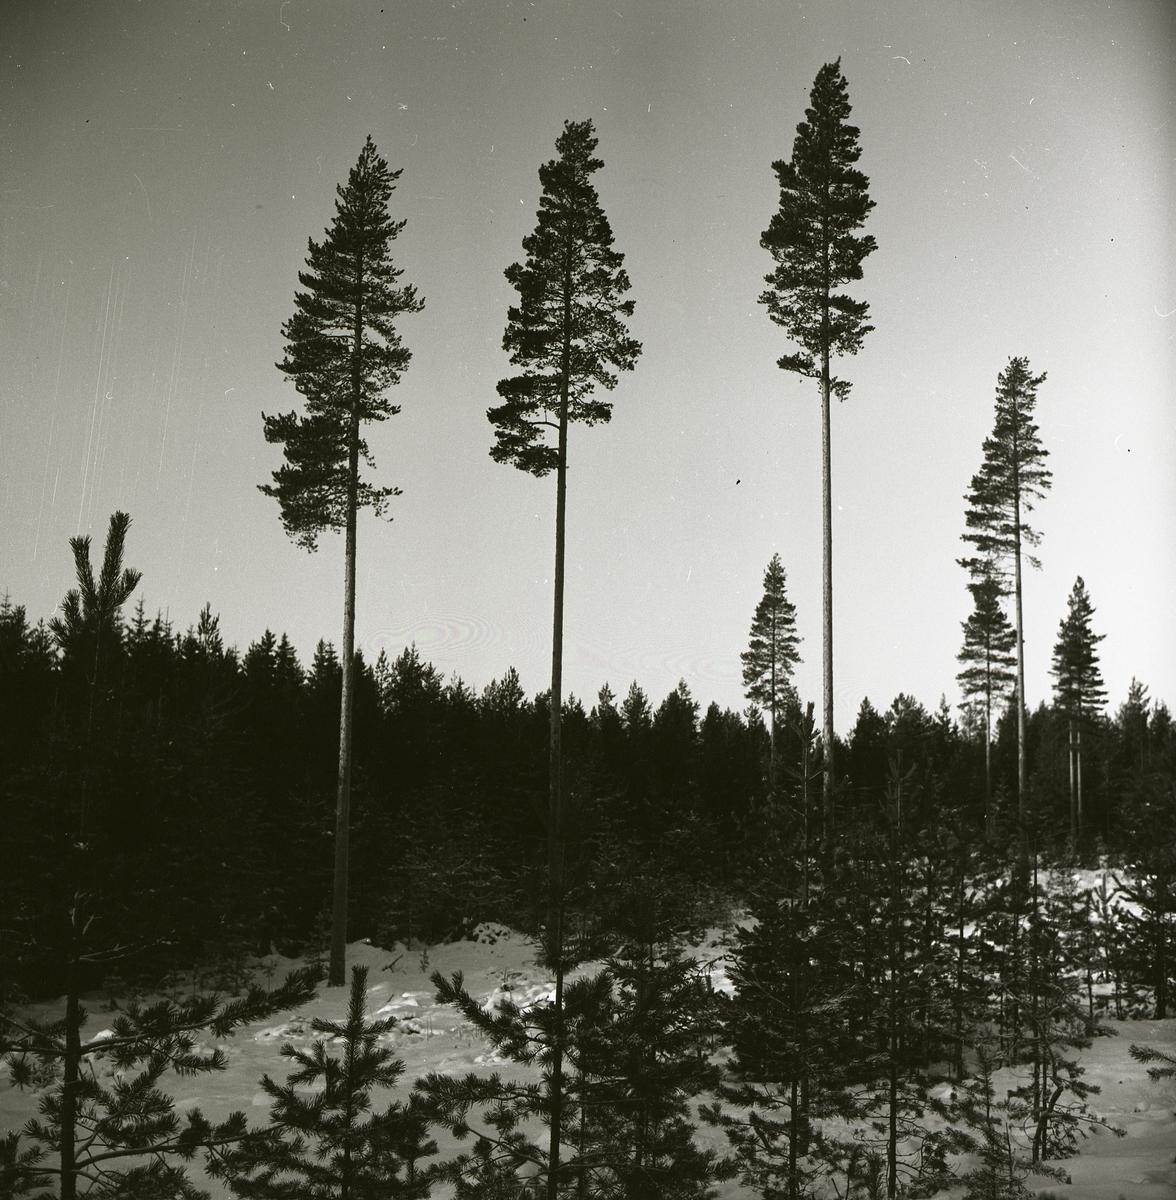 Tre höga frötallar intill en granskog, december 1964.